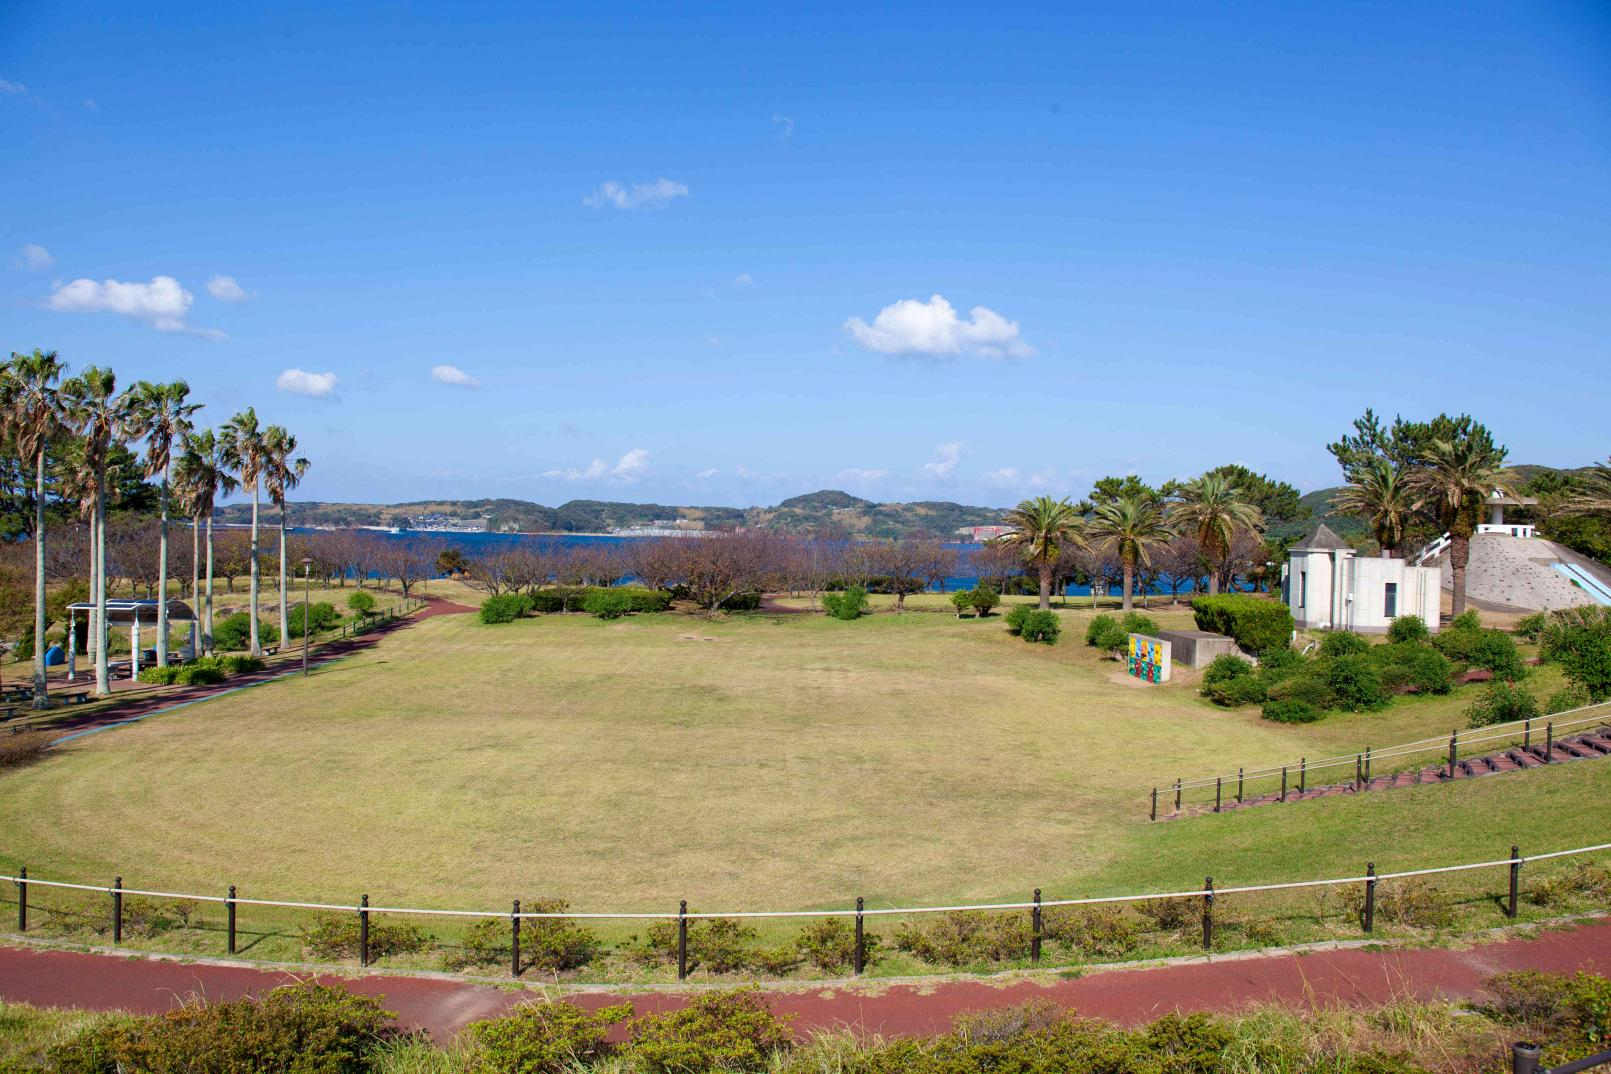 郷ノ浦港から徒歩10分ほどで行ける弁天崎公園-0